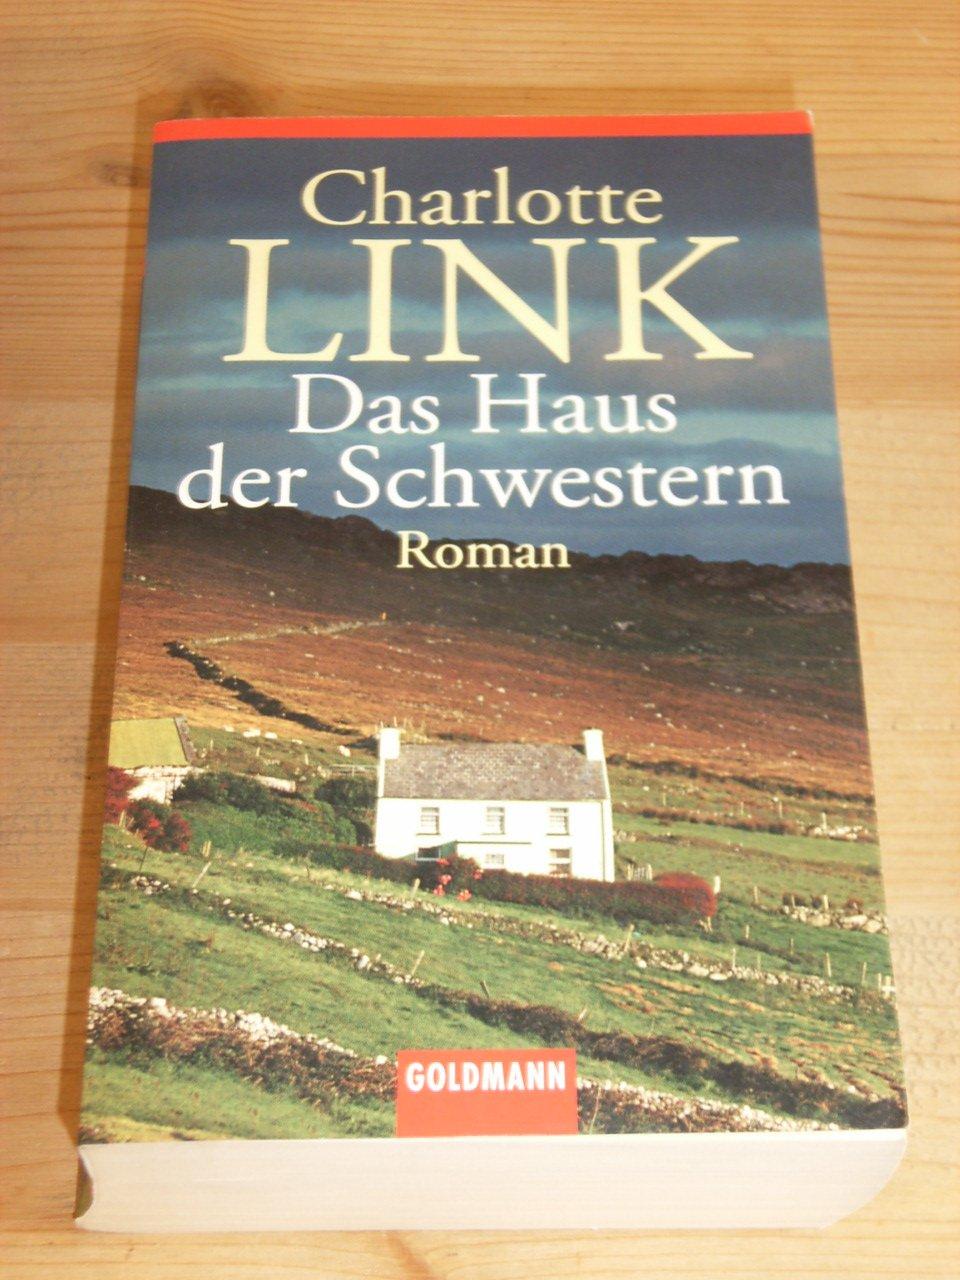 """das haus der schwestern"""" roman"""" charlotte link – Buch"""